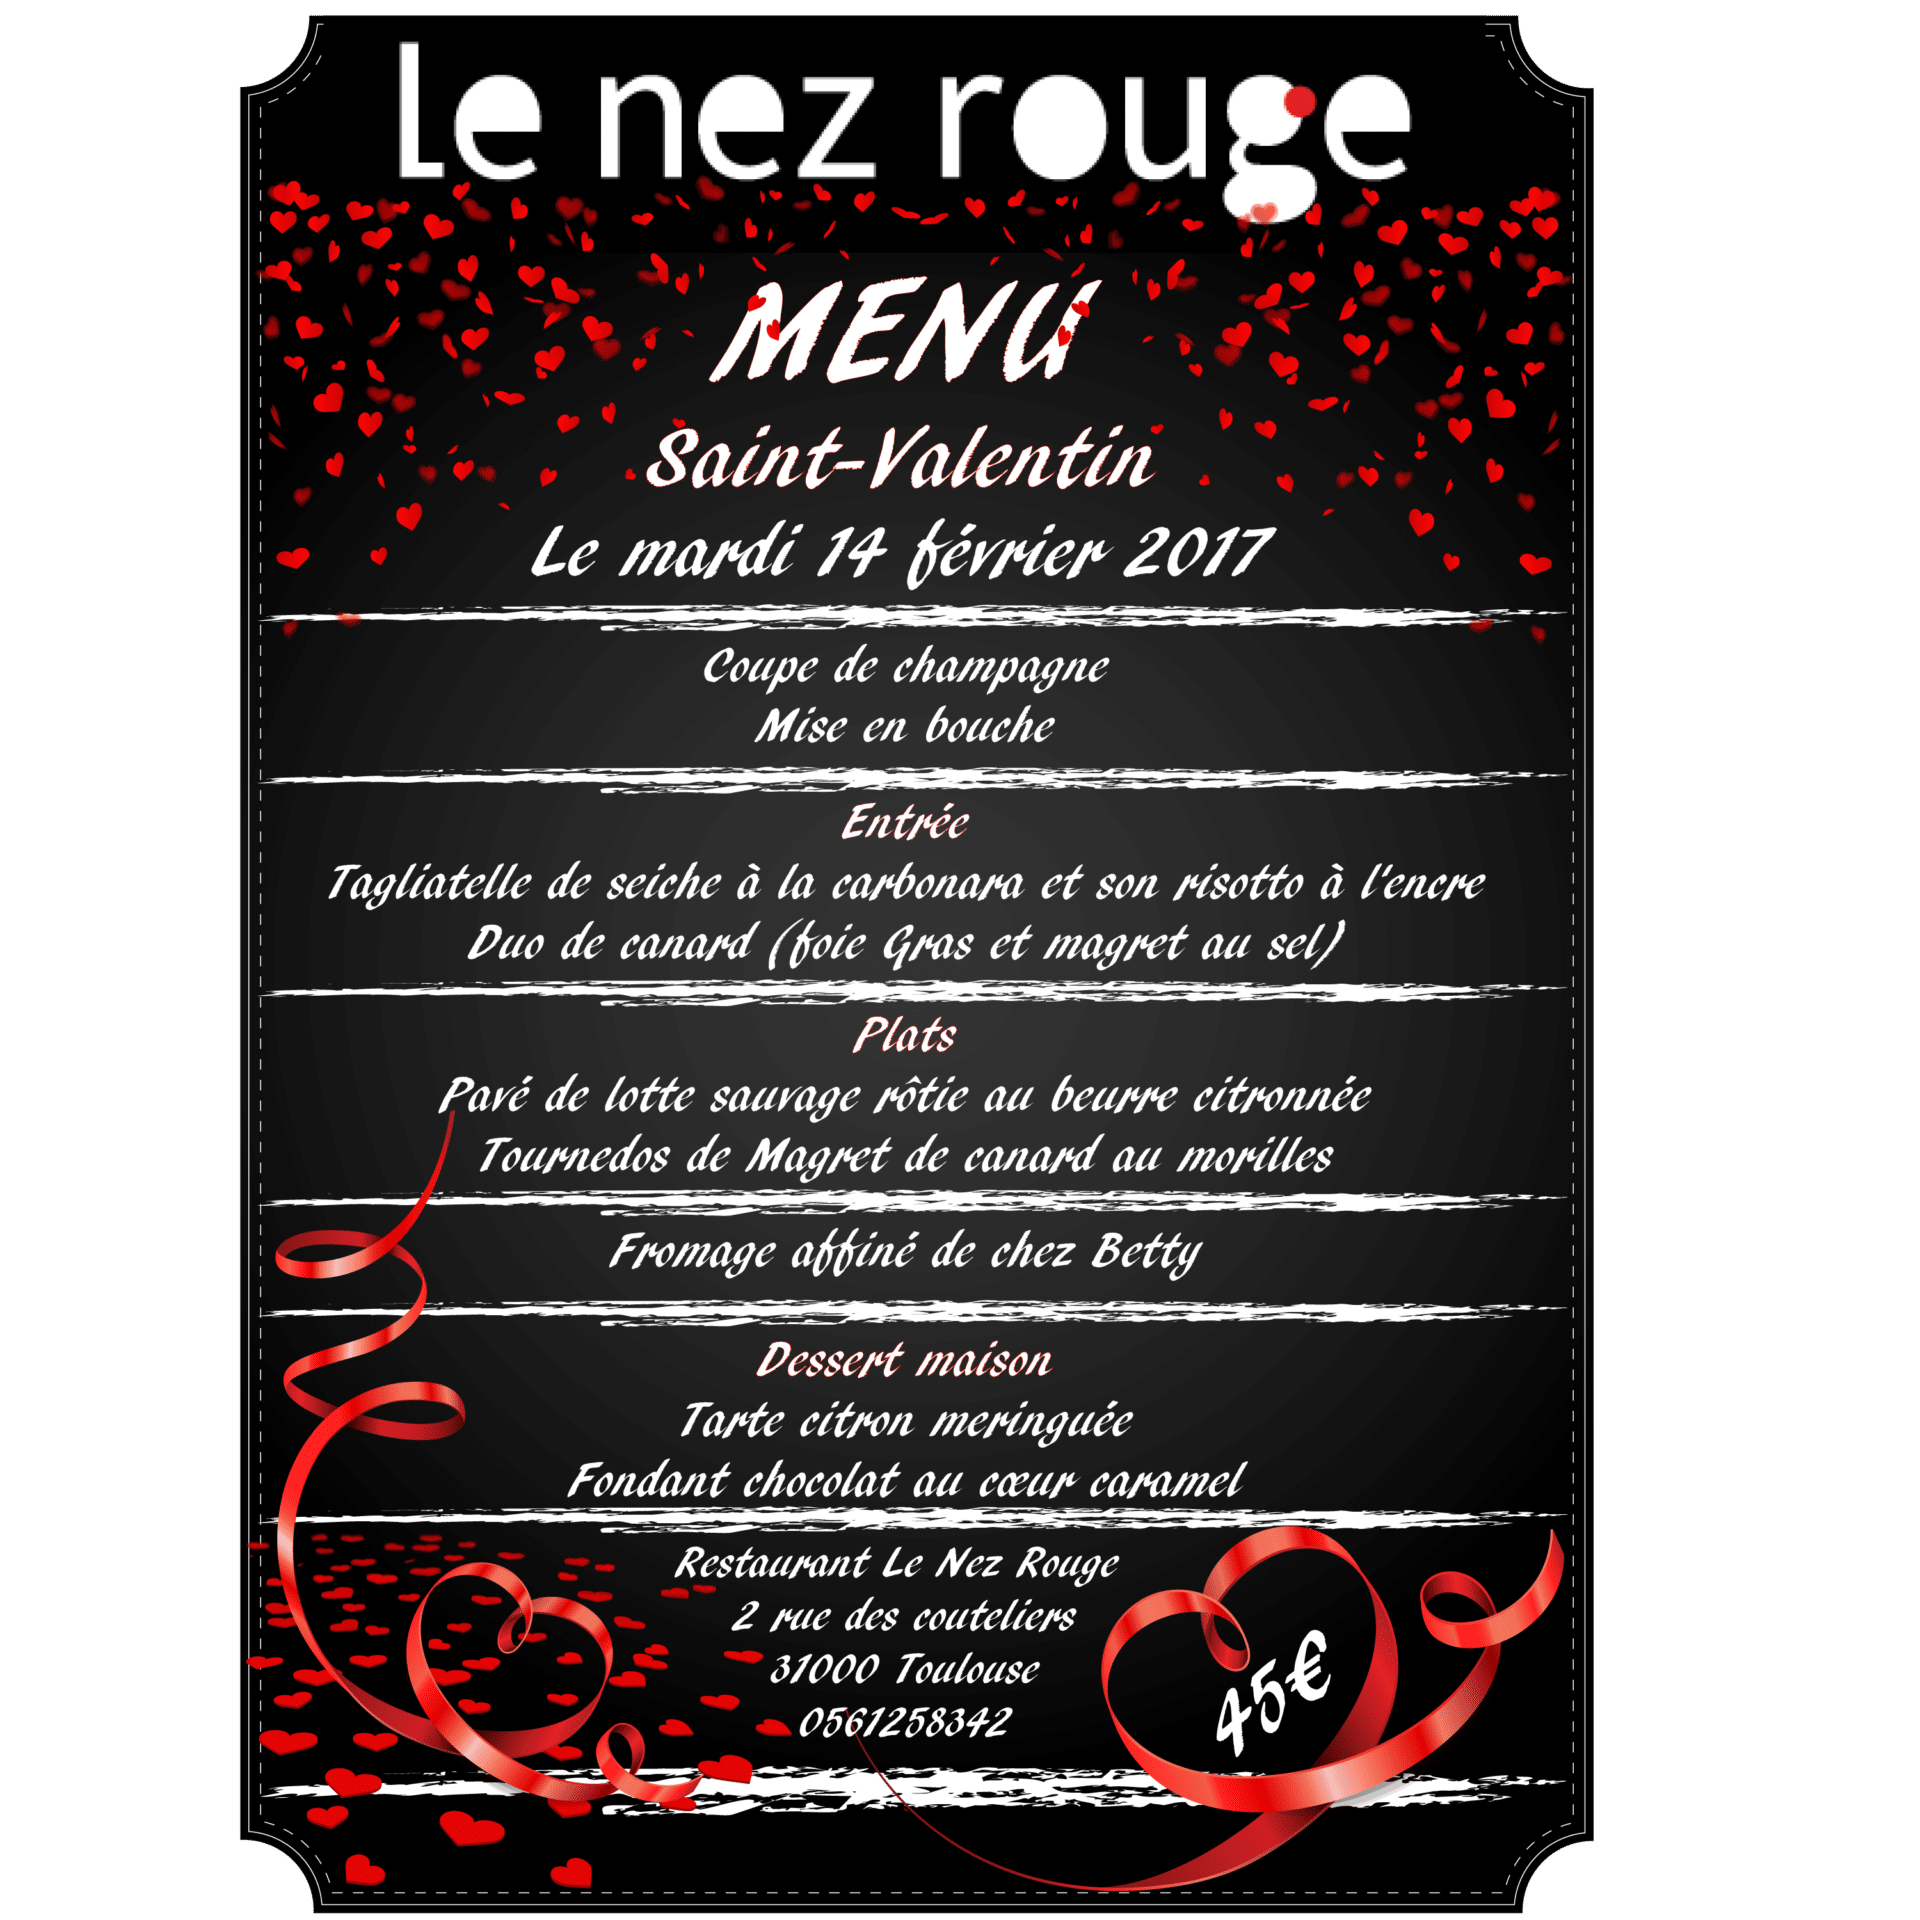 Menu-le-nez-rouge-saint-valentin-toulouse-2017